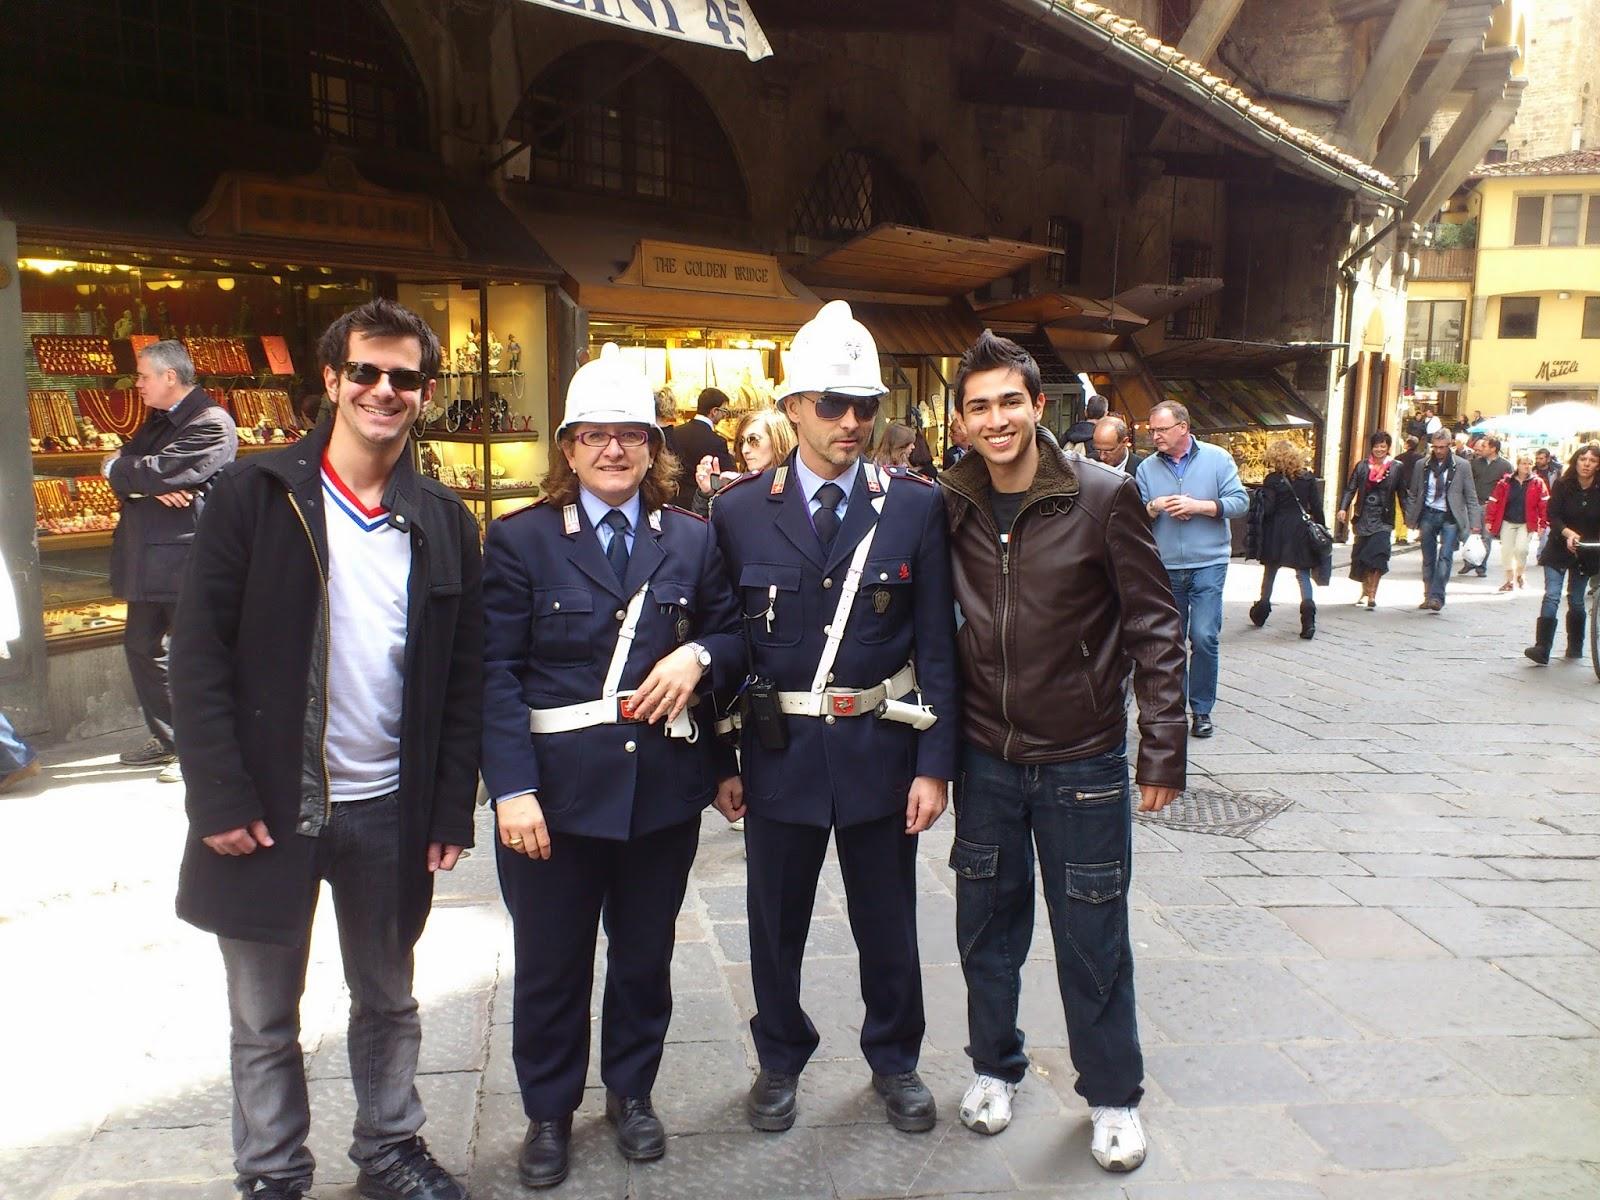 Policiais no Ponte Vecchio - Florença - Itália